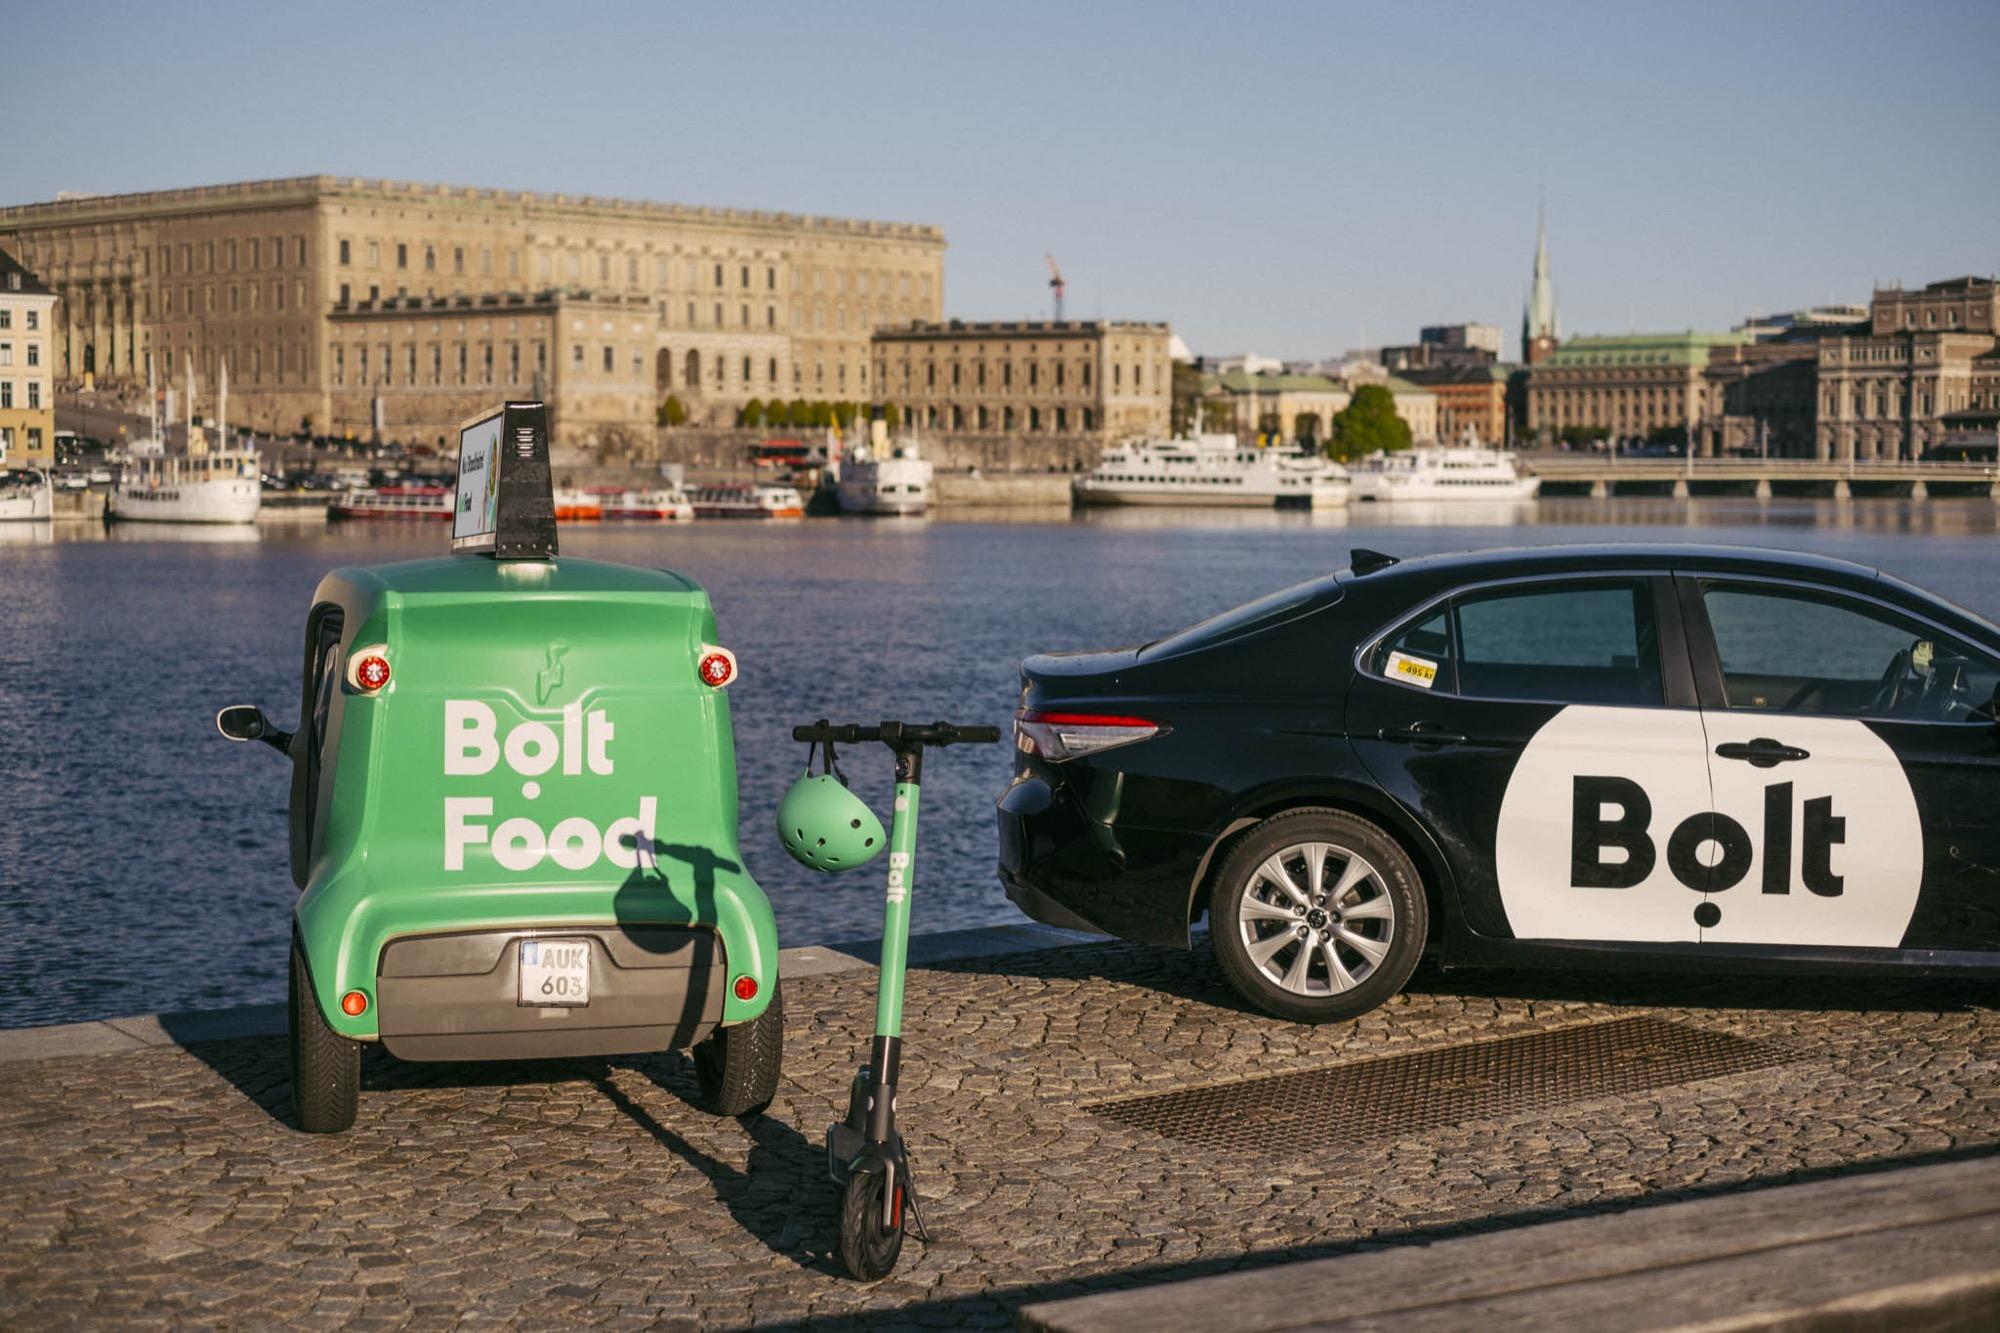 Nu kommer Bolts elsparkcyklar till Stockholm Bolt satsar när andra försvinner